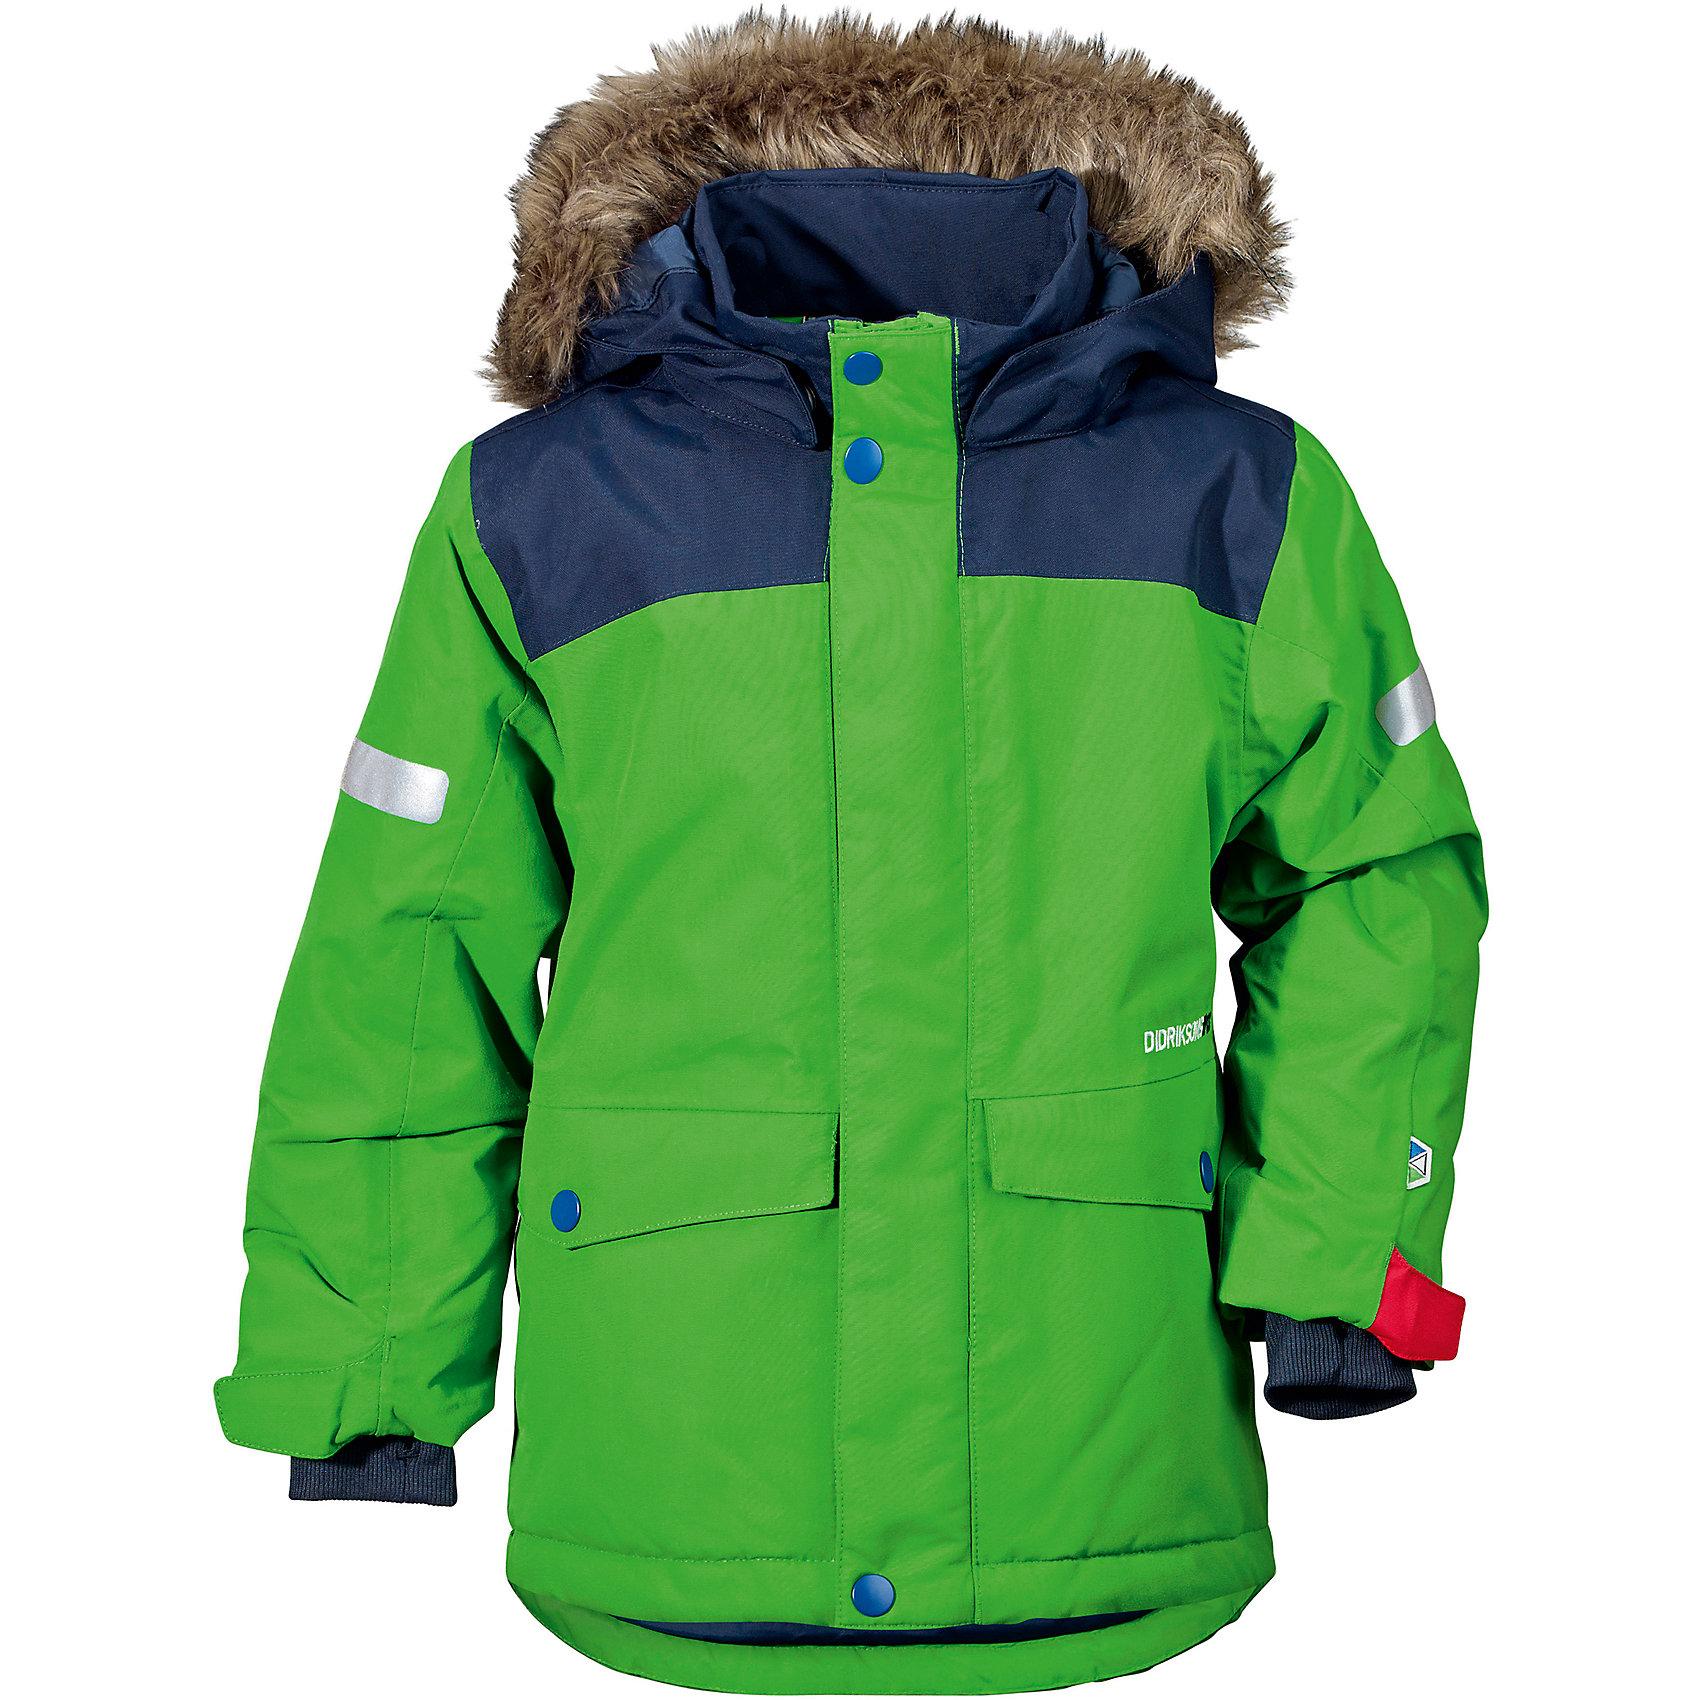 Куртка STORLIEN  DIDRIKSONSВерхняя одежда<br>Характеристики товара:<br><br>• цвет: зеленый<br>• состав ткани: 100% полиэстер<br>• подкладка: 100% полиэстер<br>• утеплитель: 100% полиэстер<br>• сезон: зима<br>• мембранное покрытие<br>• температурный режим: от -20 до 0<br>• водонепроницаемость: 10000 мм <br>• паропроницаемость: 4000 г/м2<br>• плотность утеплителя: 180 г/м2<br>• швы проклеены<br>• съемный капюшон<br>• съемный искусственный мех на капюшоне<br>• регулируемый капюшон, талия и рукава<br>• внутренние эластичные манжеты с отверстием для большого пальца<br>• крепления для перчаток<br>• светоотражающие детали<br>• застежка: молния, кнопки<br>• конструкция позволяет увеличить длину рукава на один размер<br>• страна бренда: Швеция<br>• страна изготовитель: Китай<br><br>Яркая теплая куртка для ребенка дополнена удобным капюшоном, планкой от ветра и карманами. Плотный верх детской куртки не промокает и не продувается, его легко чистить. Мембранная детская куртка отлично подойдет для зимних морозов. Мягкая подкладка детский куртки делает её очень комфортной. <br><br>Куртку Storlien Didriksons (Дидриксонс) можно купить в нашем интернет-магазине.<br><br>Ширина мм: 356<br>Глубина мм: 10<br>Высота мм: 245<br>Вес г: 519<br>Цвет: зеленый<br>Возраст от месяцев: 108<br>Возраст до месяцев: 120<br>Пол: Унисекс<br>Возраст: Детский<br>Размер: 140,80,90,100,110,120,130<br>SKU: 7045444